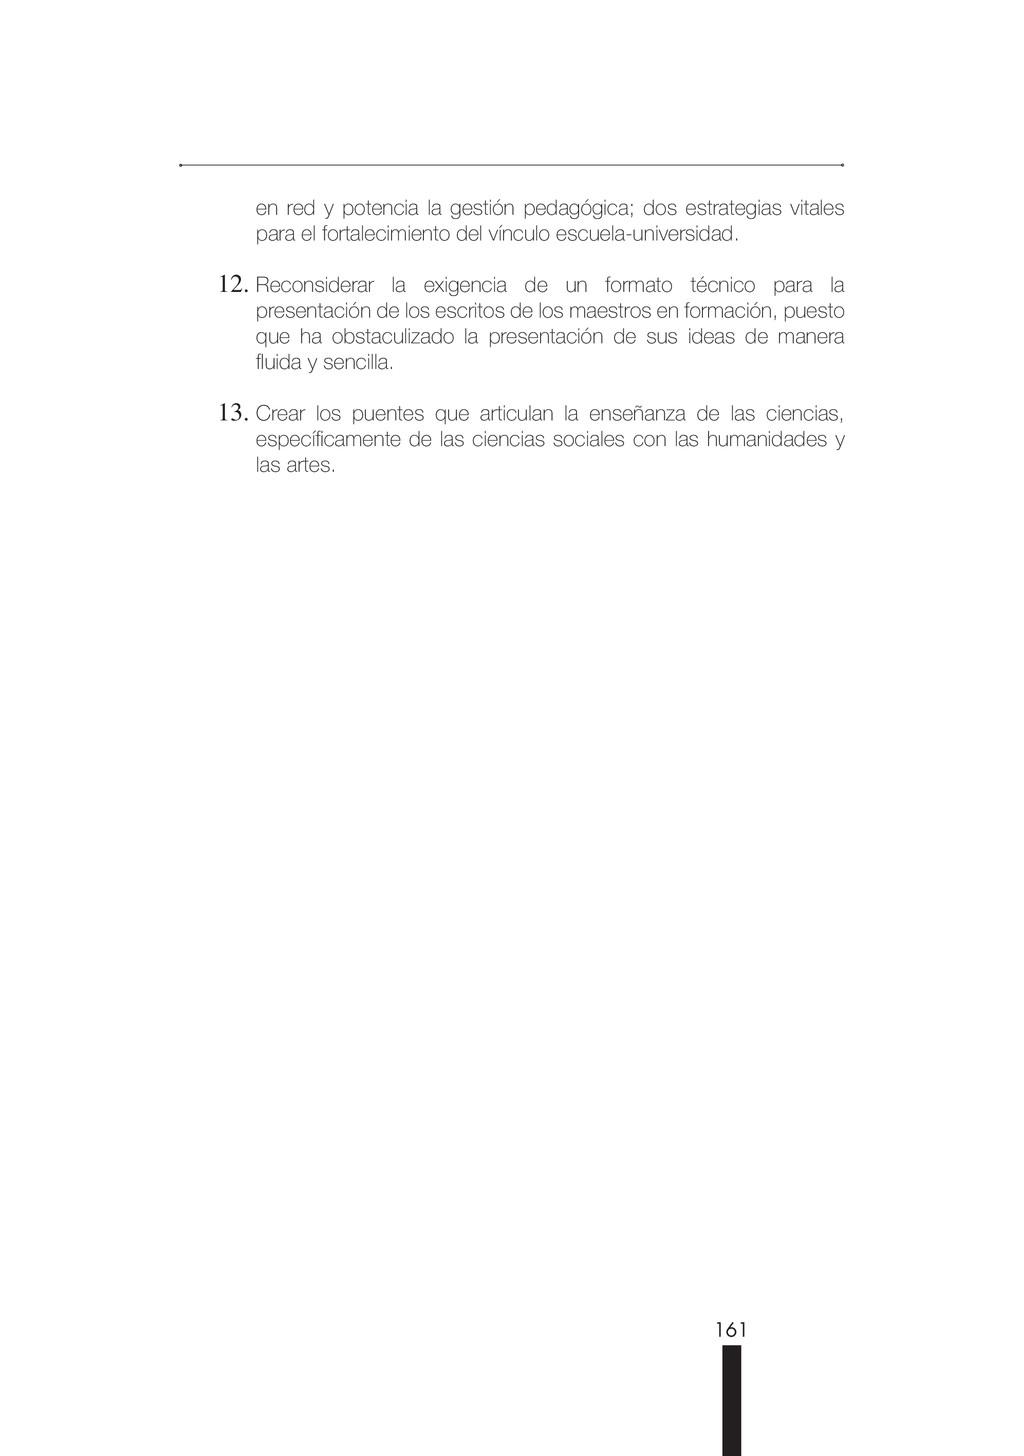 161 en red y potencia la gestión pedagógica; do...